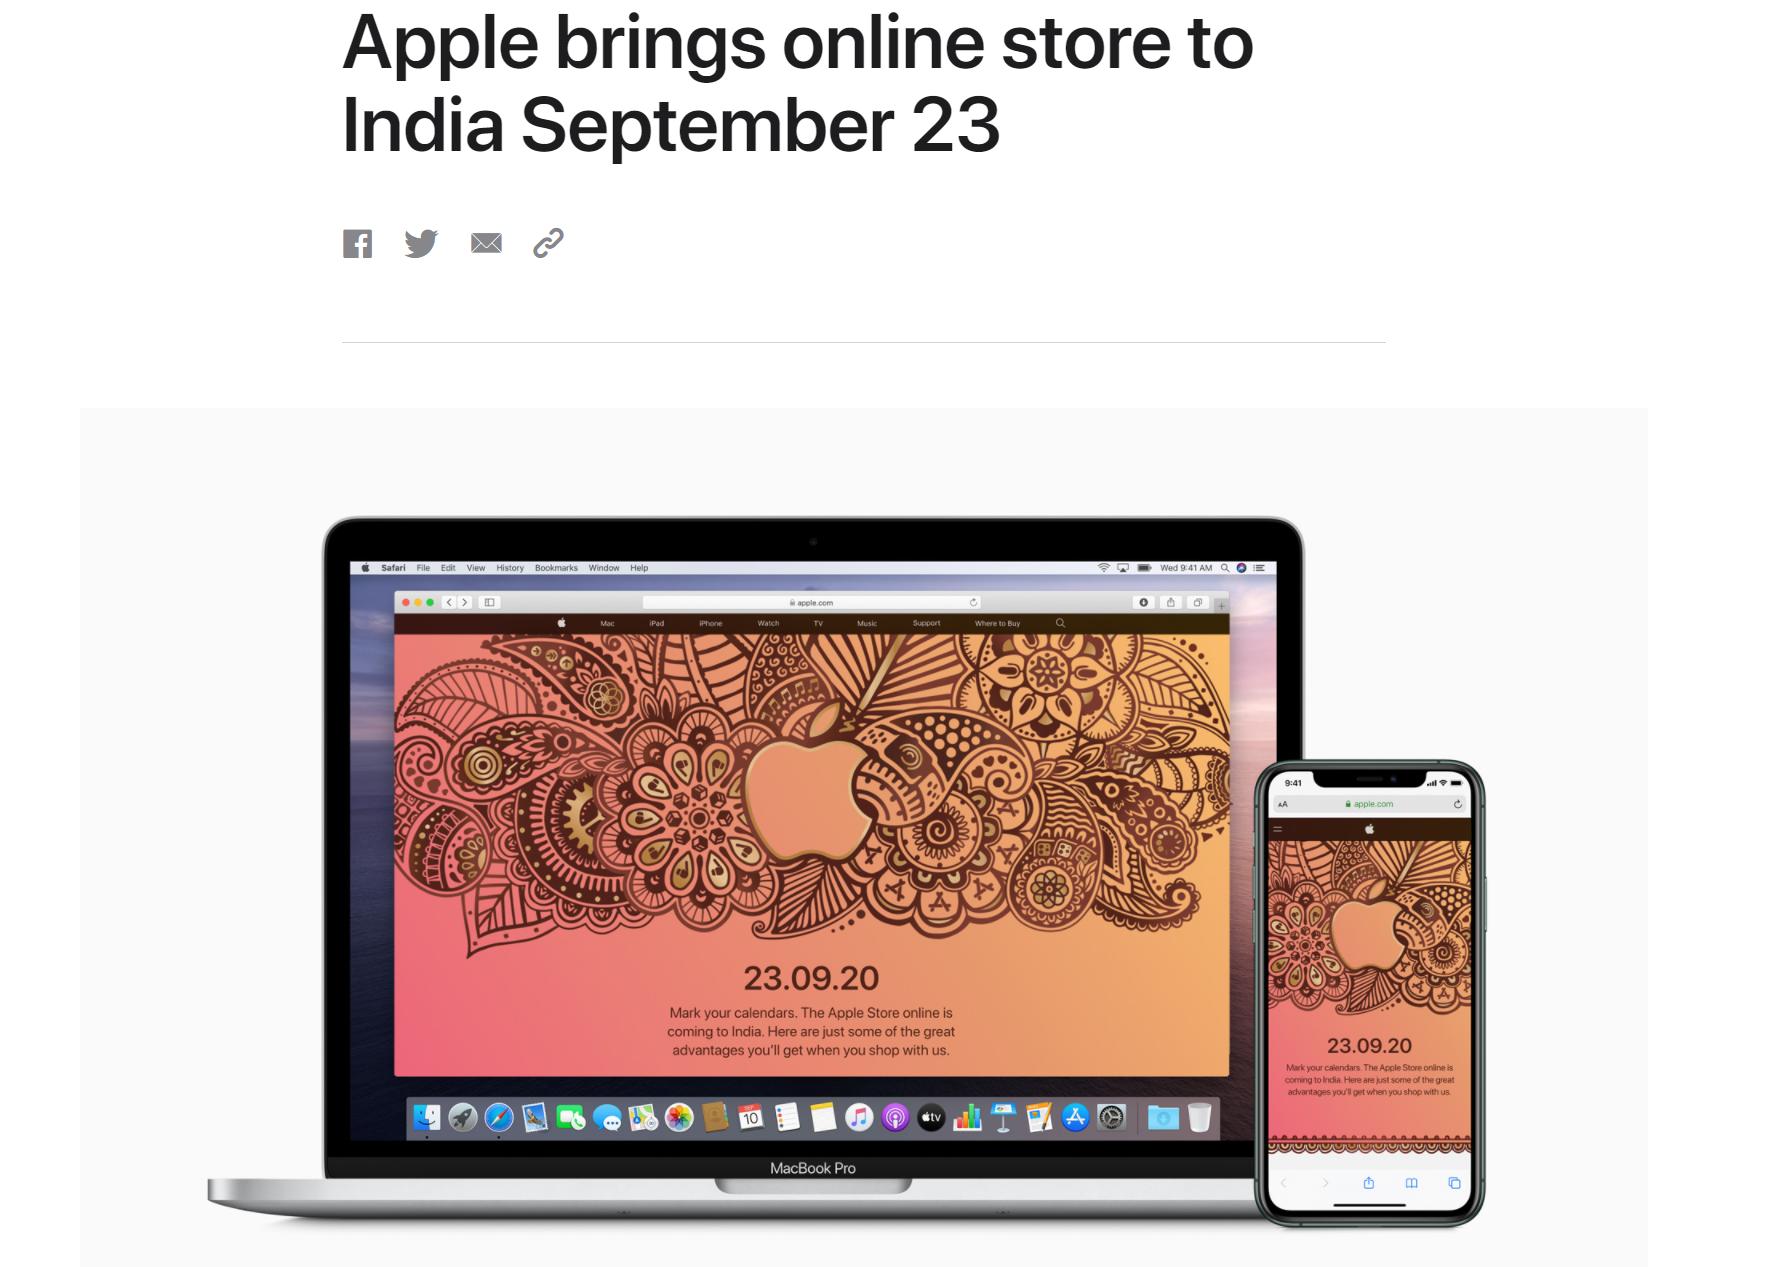 苹果官宣印度线上零售店下周开业 恰逢传统假日销售旺季